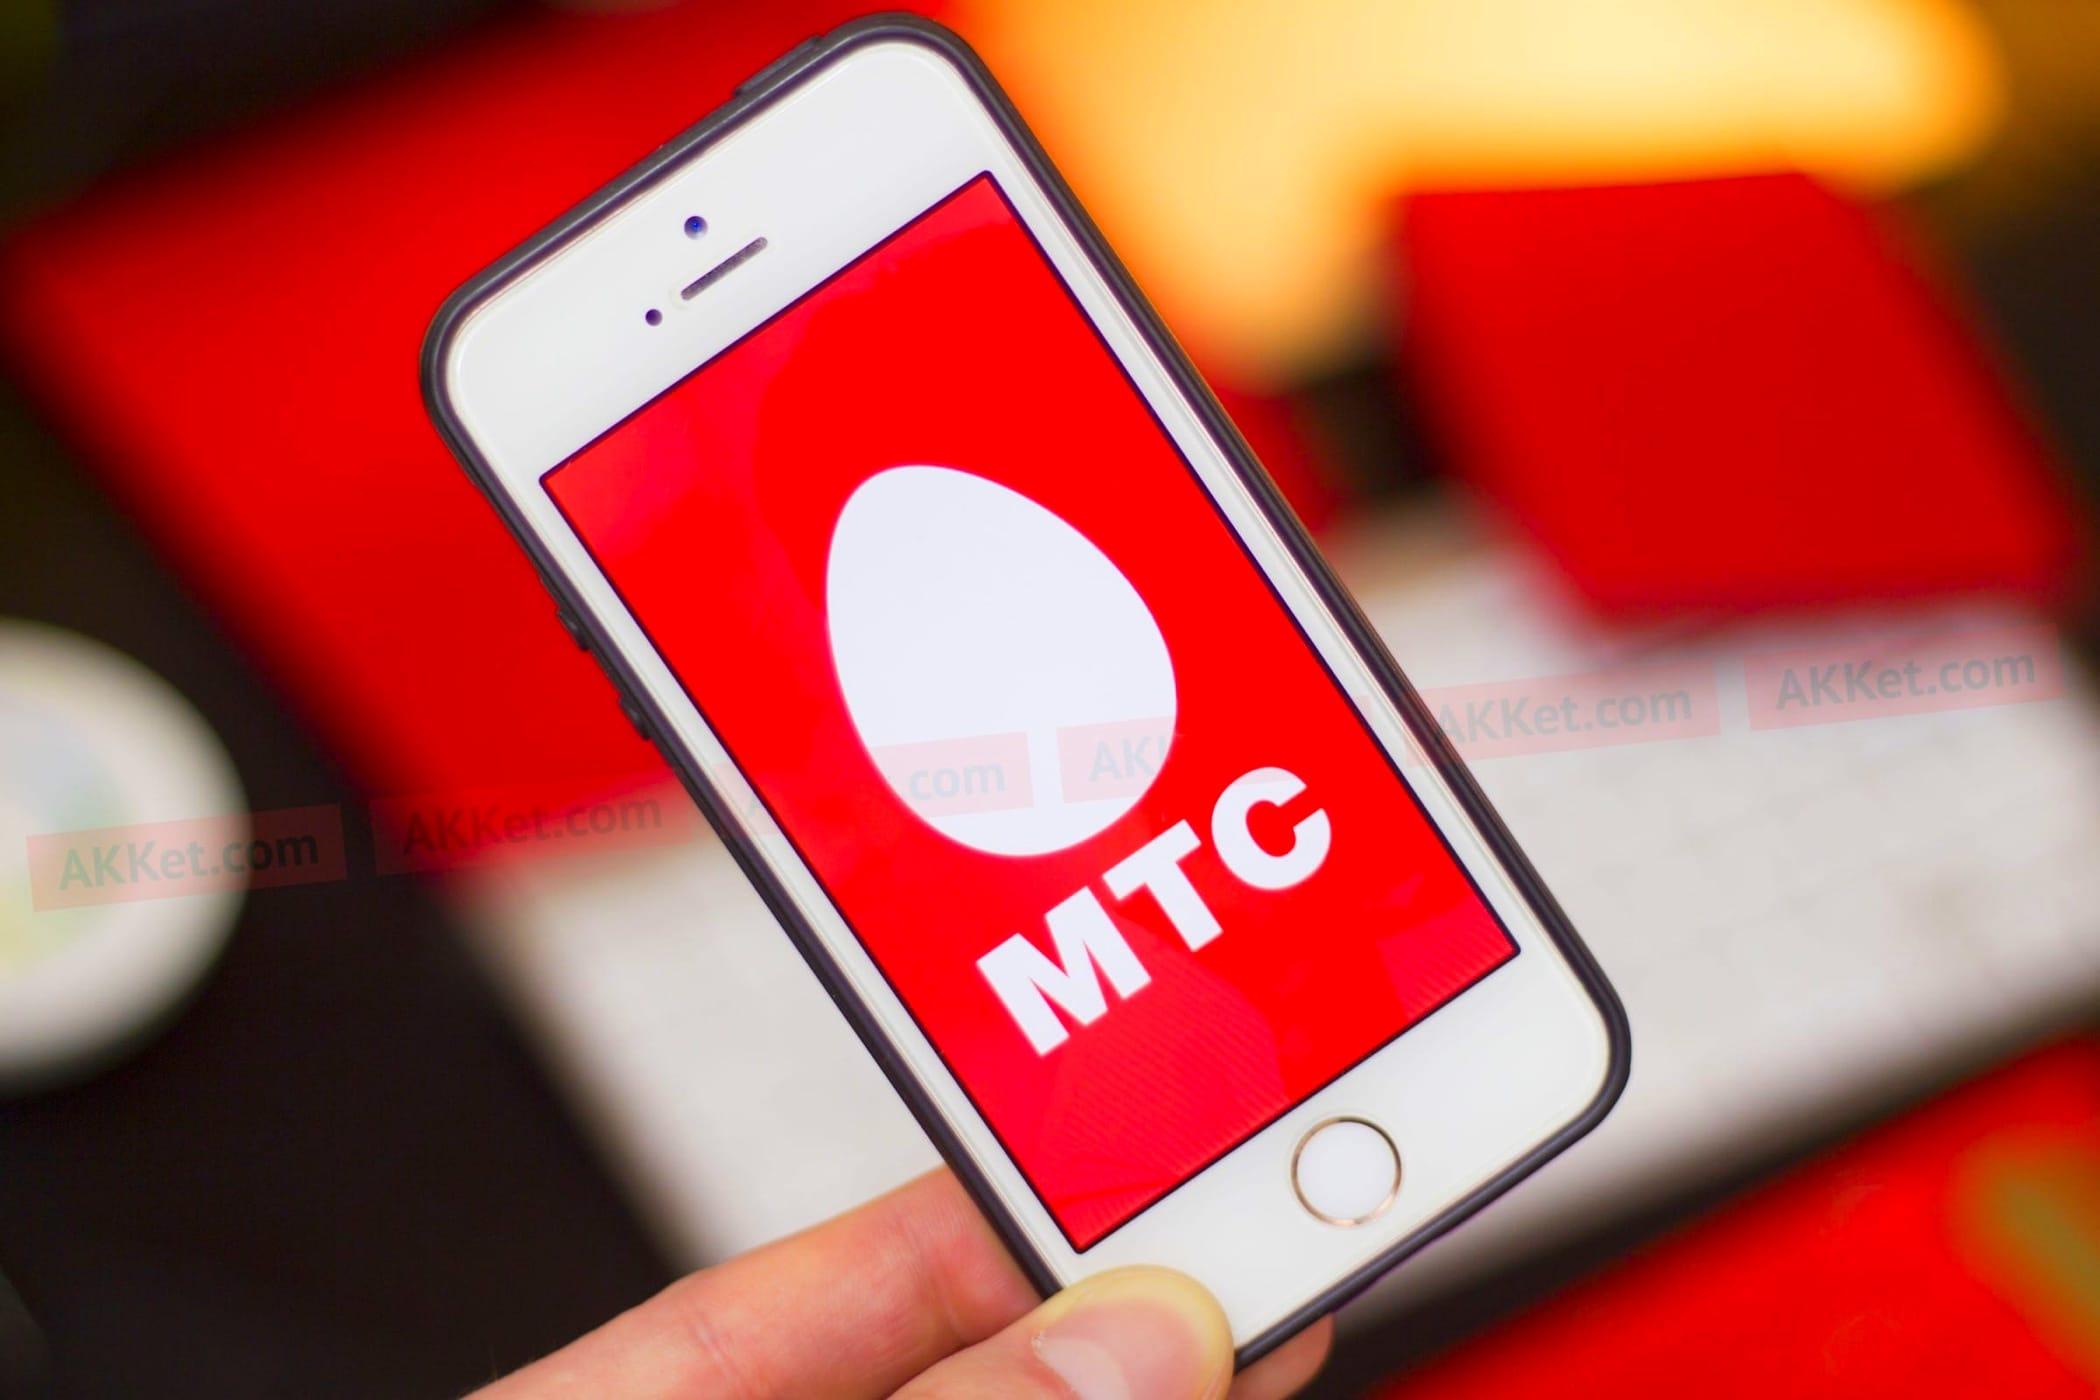 ВФАС раскритиковали действия МТС поотмене роуминга